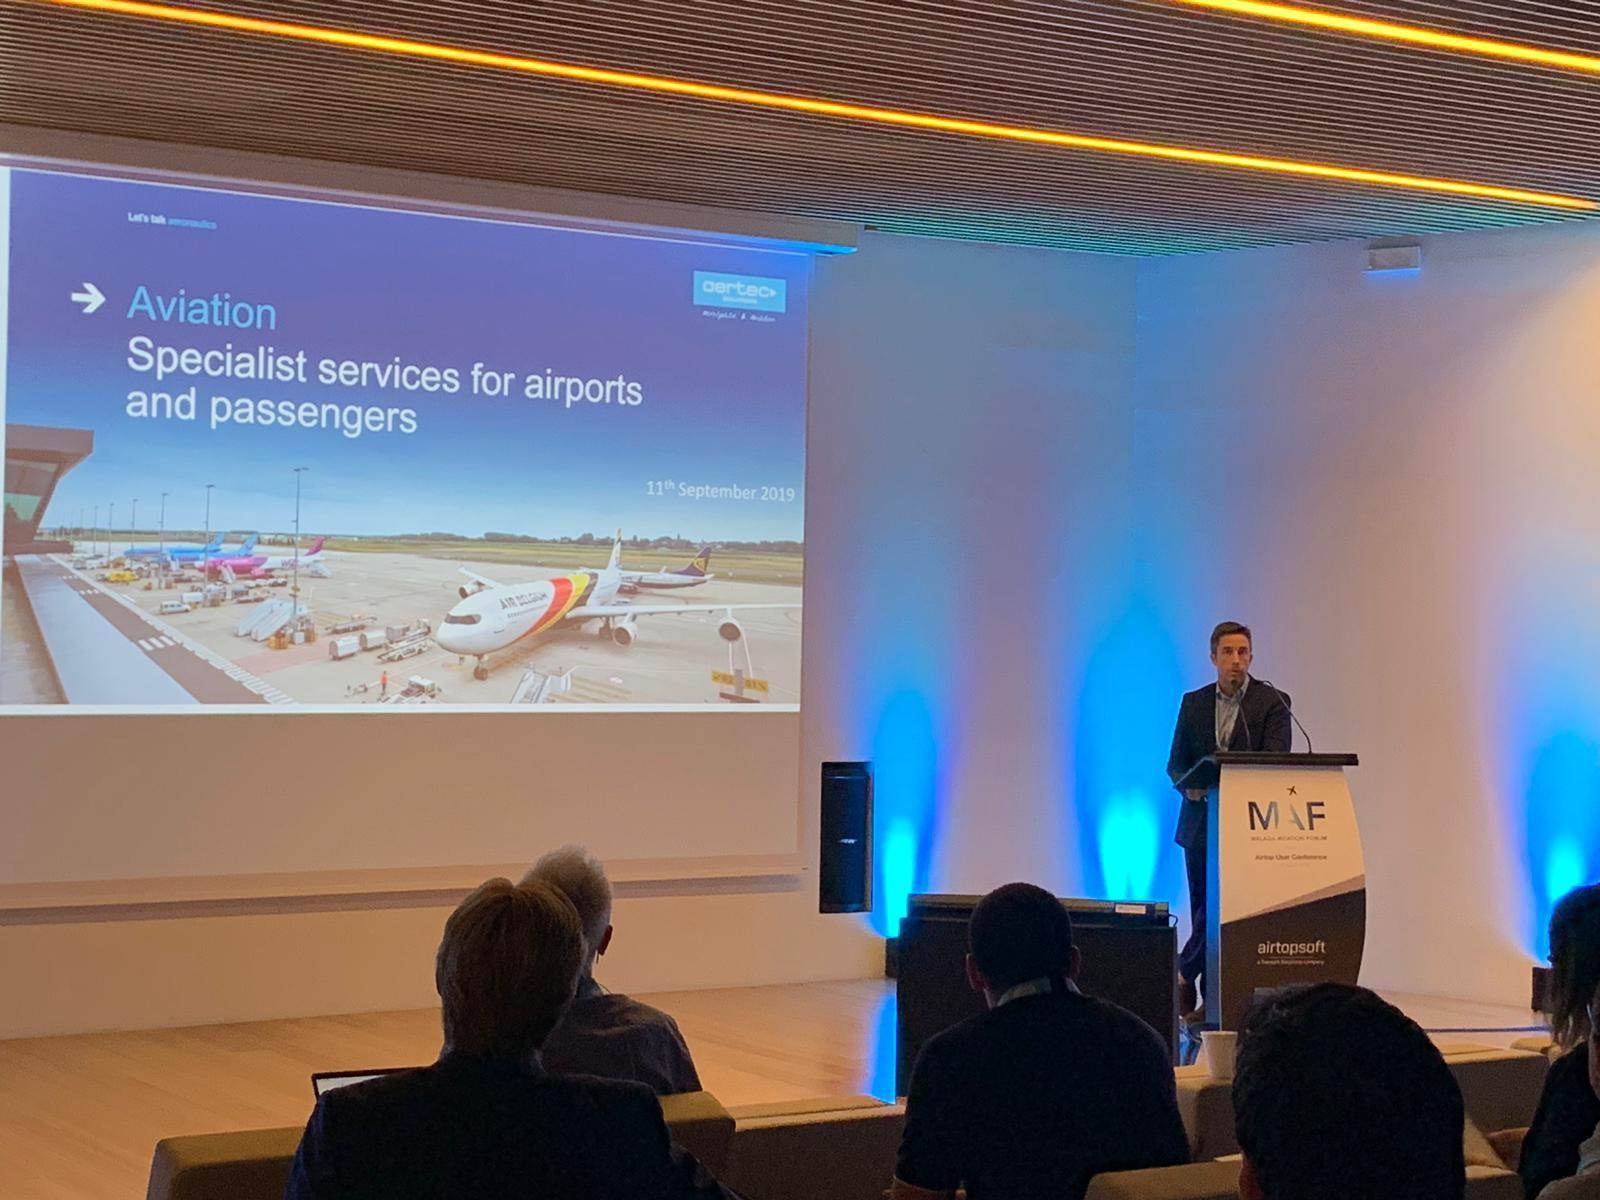 COMUNICADO DE PRENSA: El MAF-Malaga Aviation Forum, organizado por AERTEC Solutions, aborda desde hoy la simulación aeroportuaria